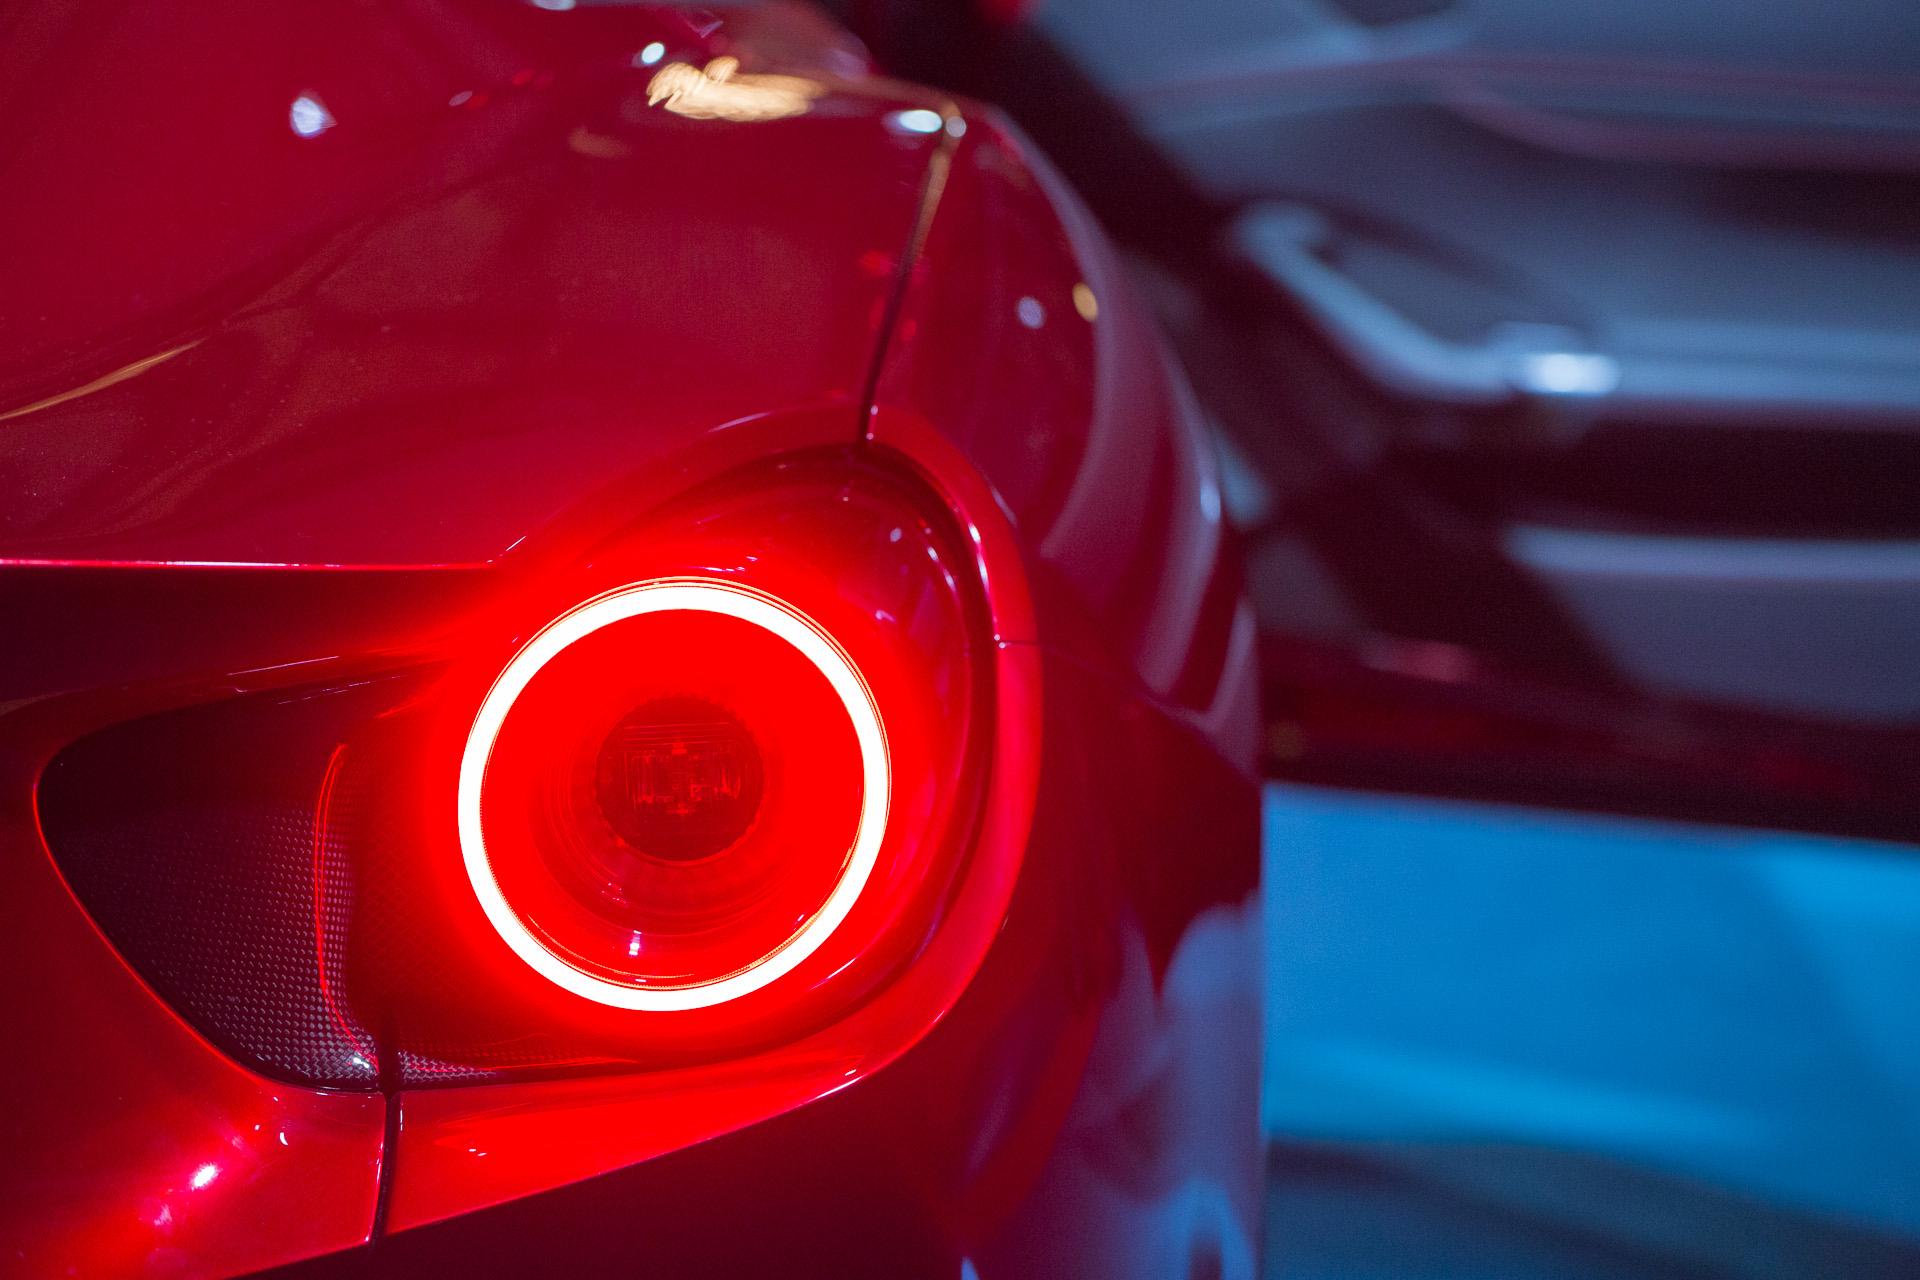 Dettaglio della Ferrari Portofino, faro posteriore